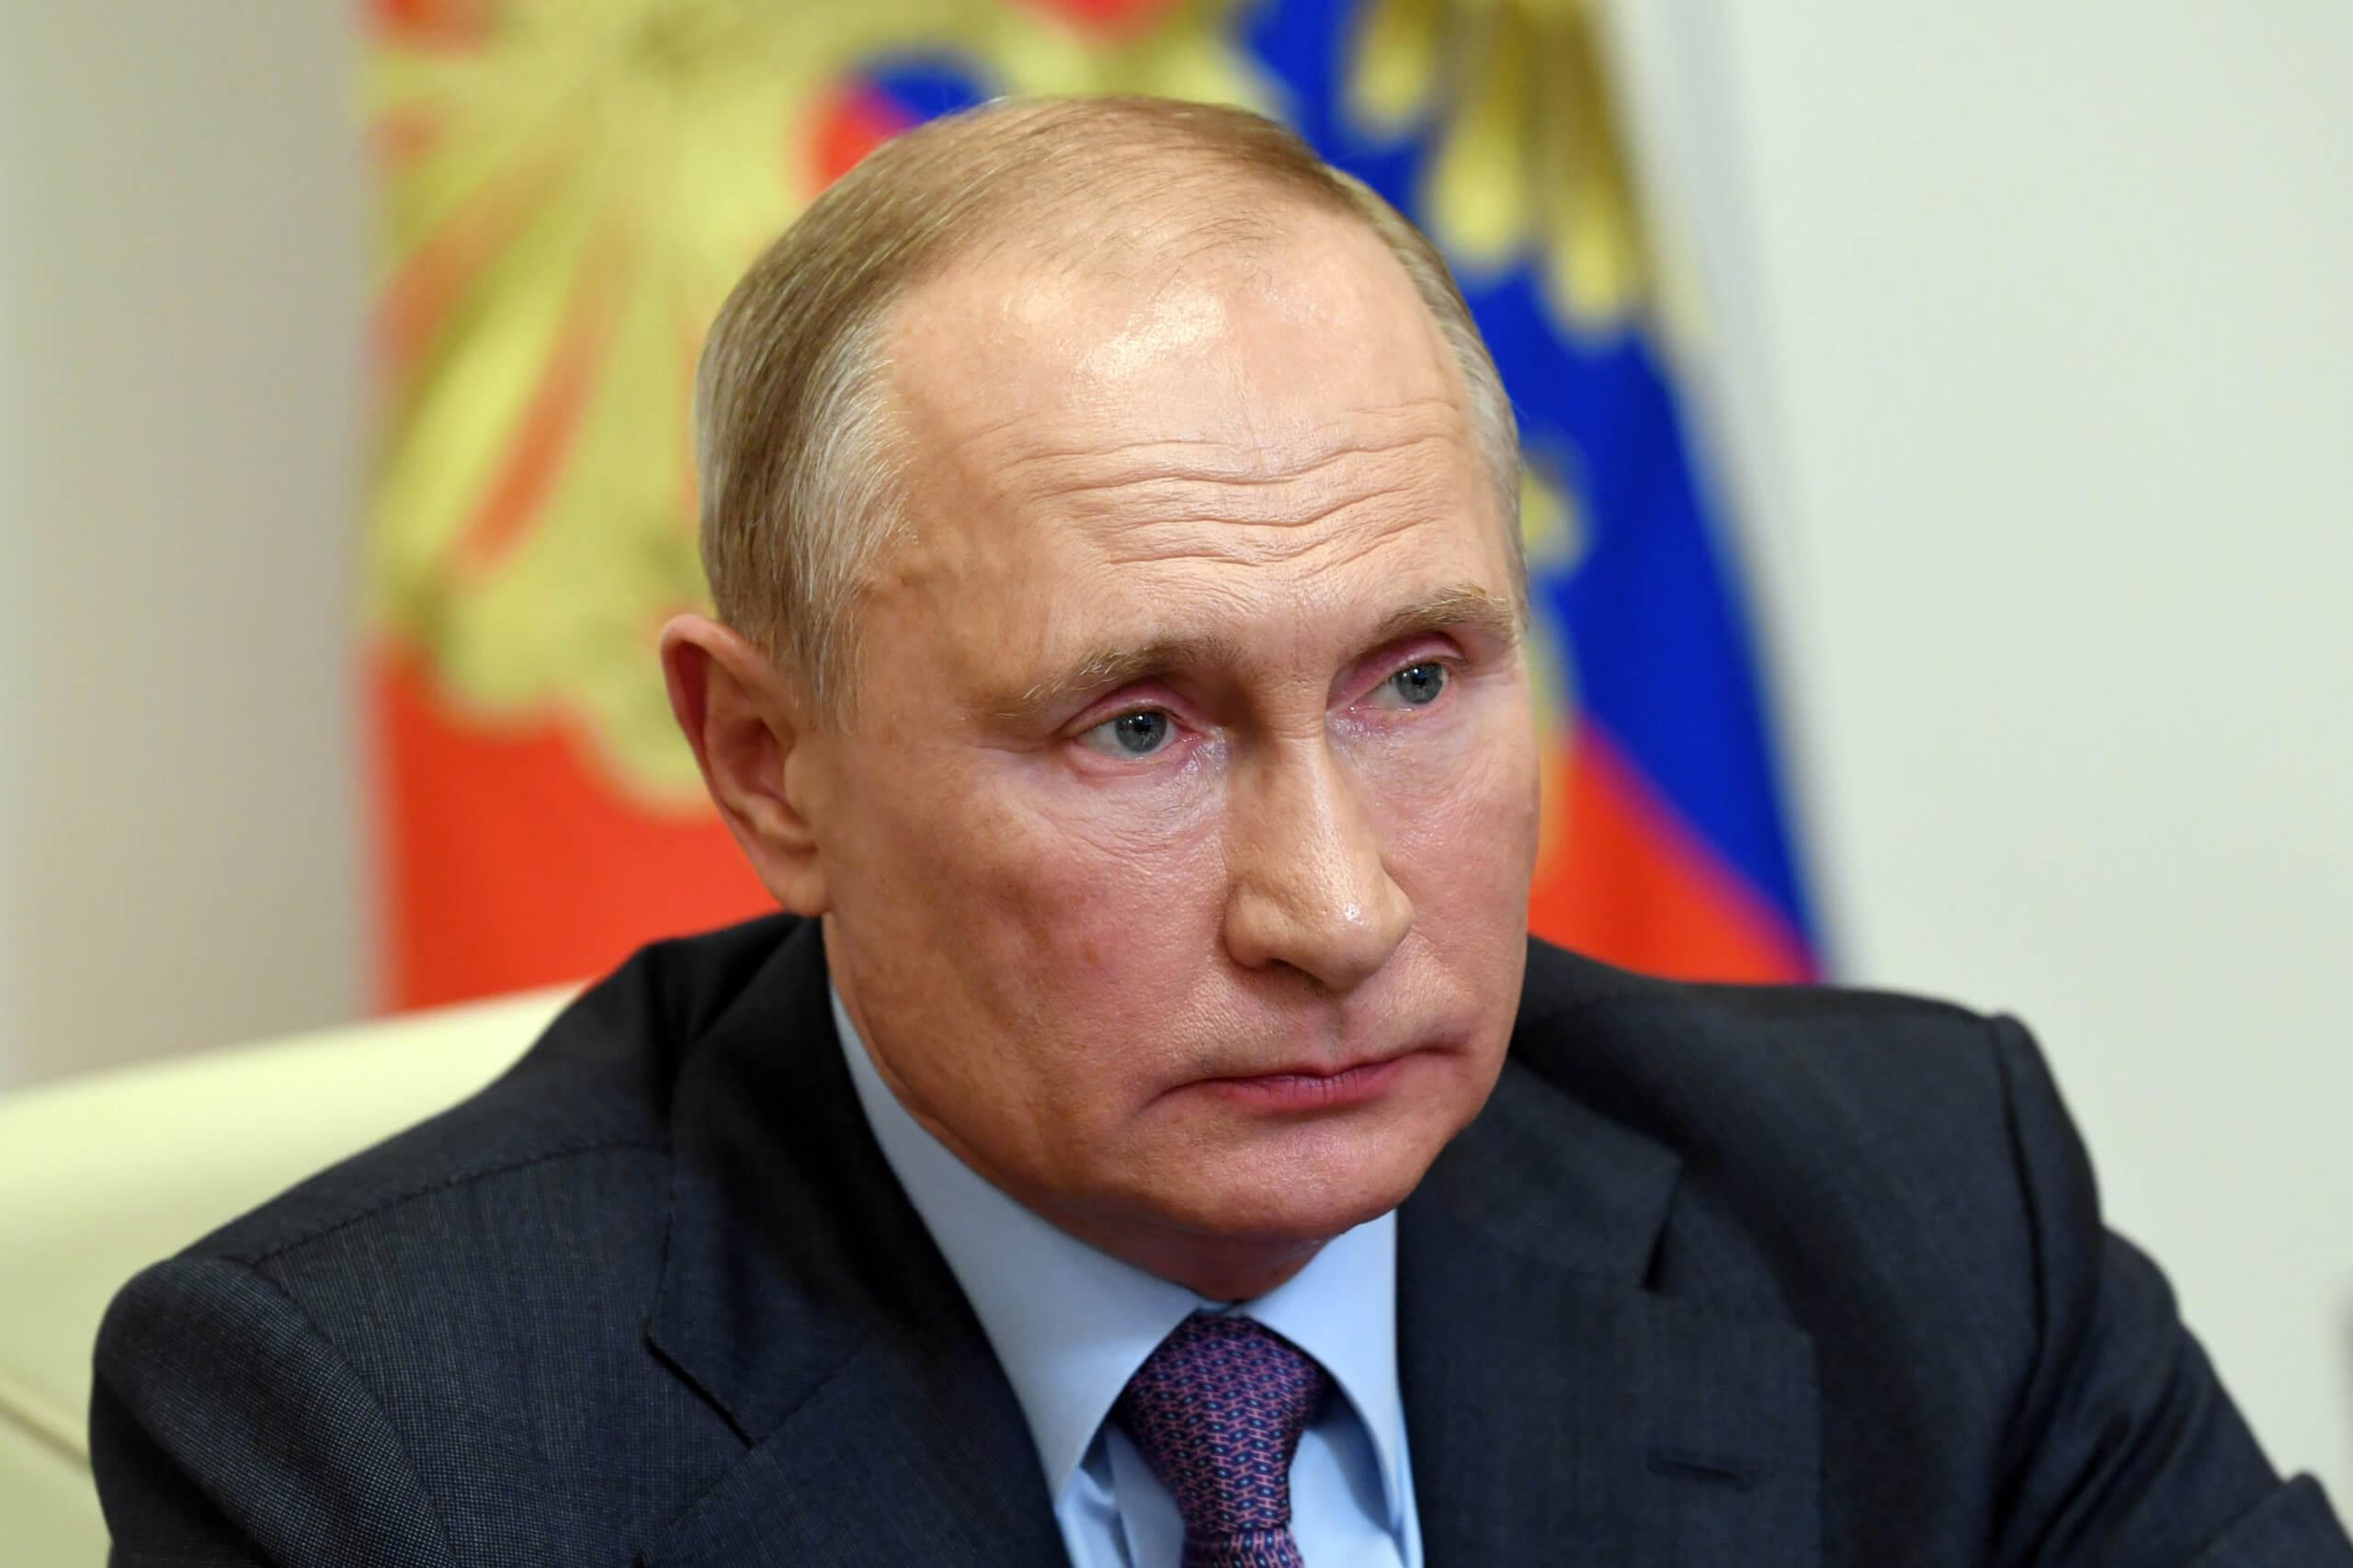 """Keine Belege für angebliches Zitat von Putin zu Impfungen und Fast Food als """"gefährliche Drogen"""""""